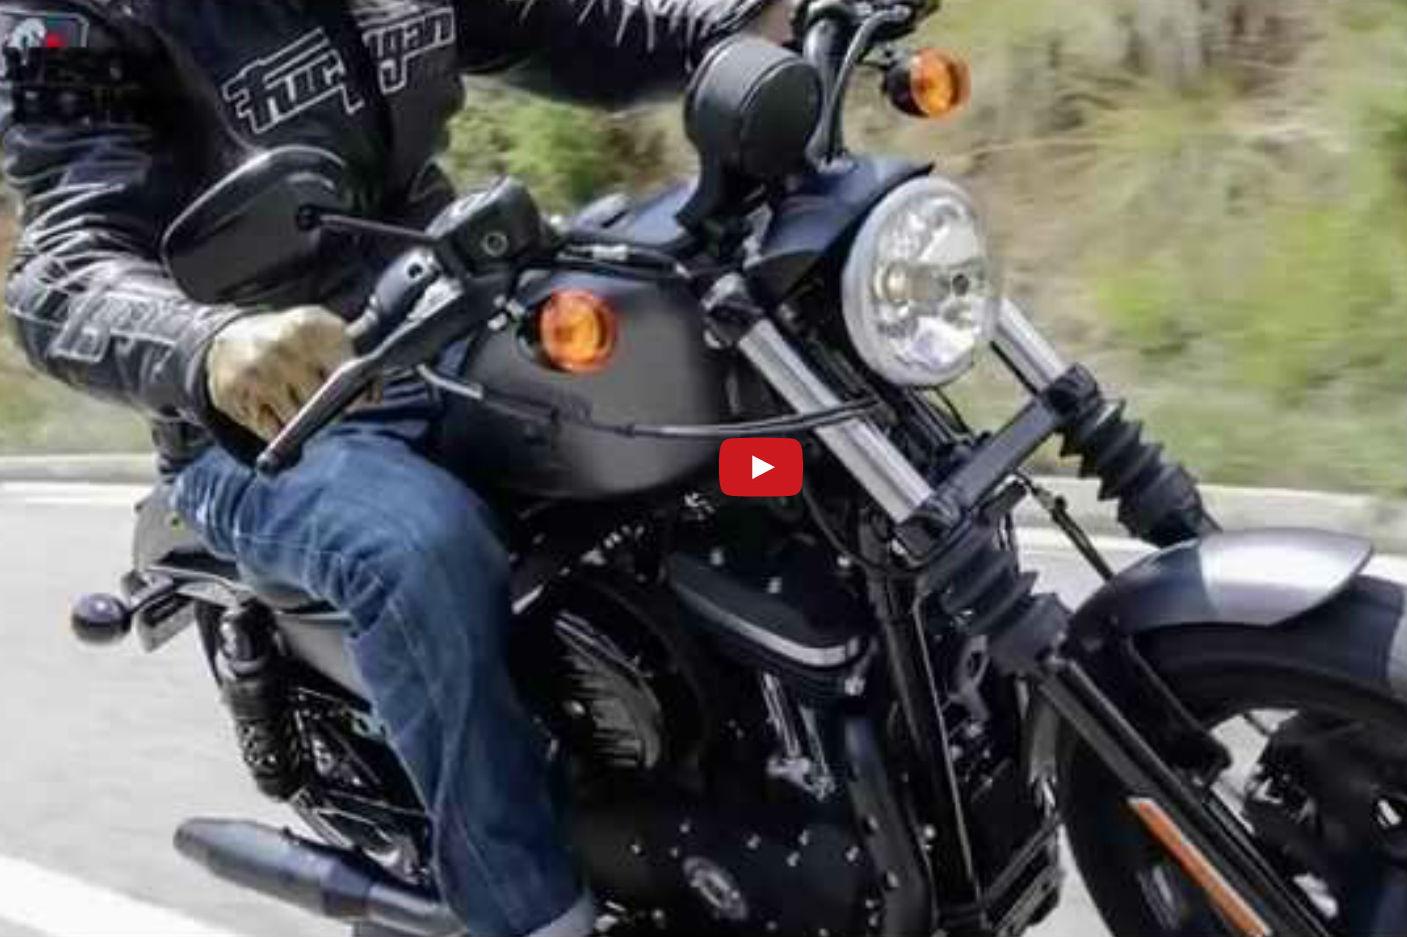 sportster 883 top speed | Visordown